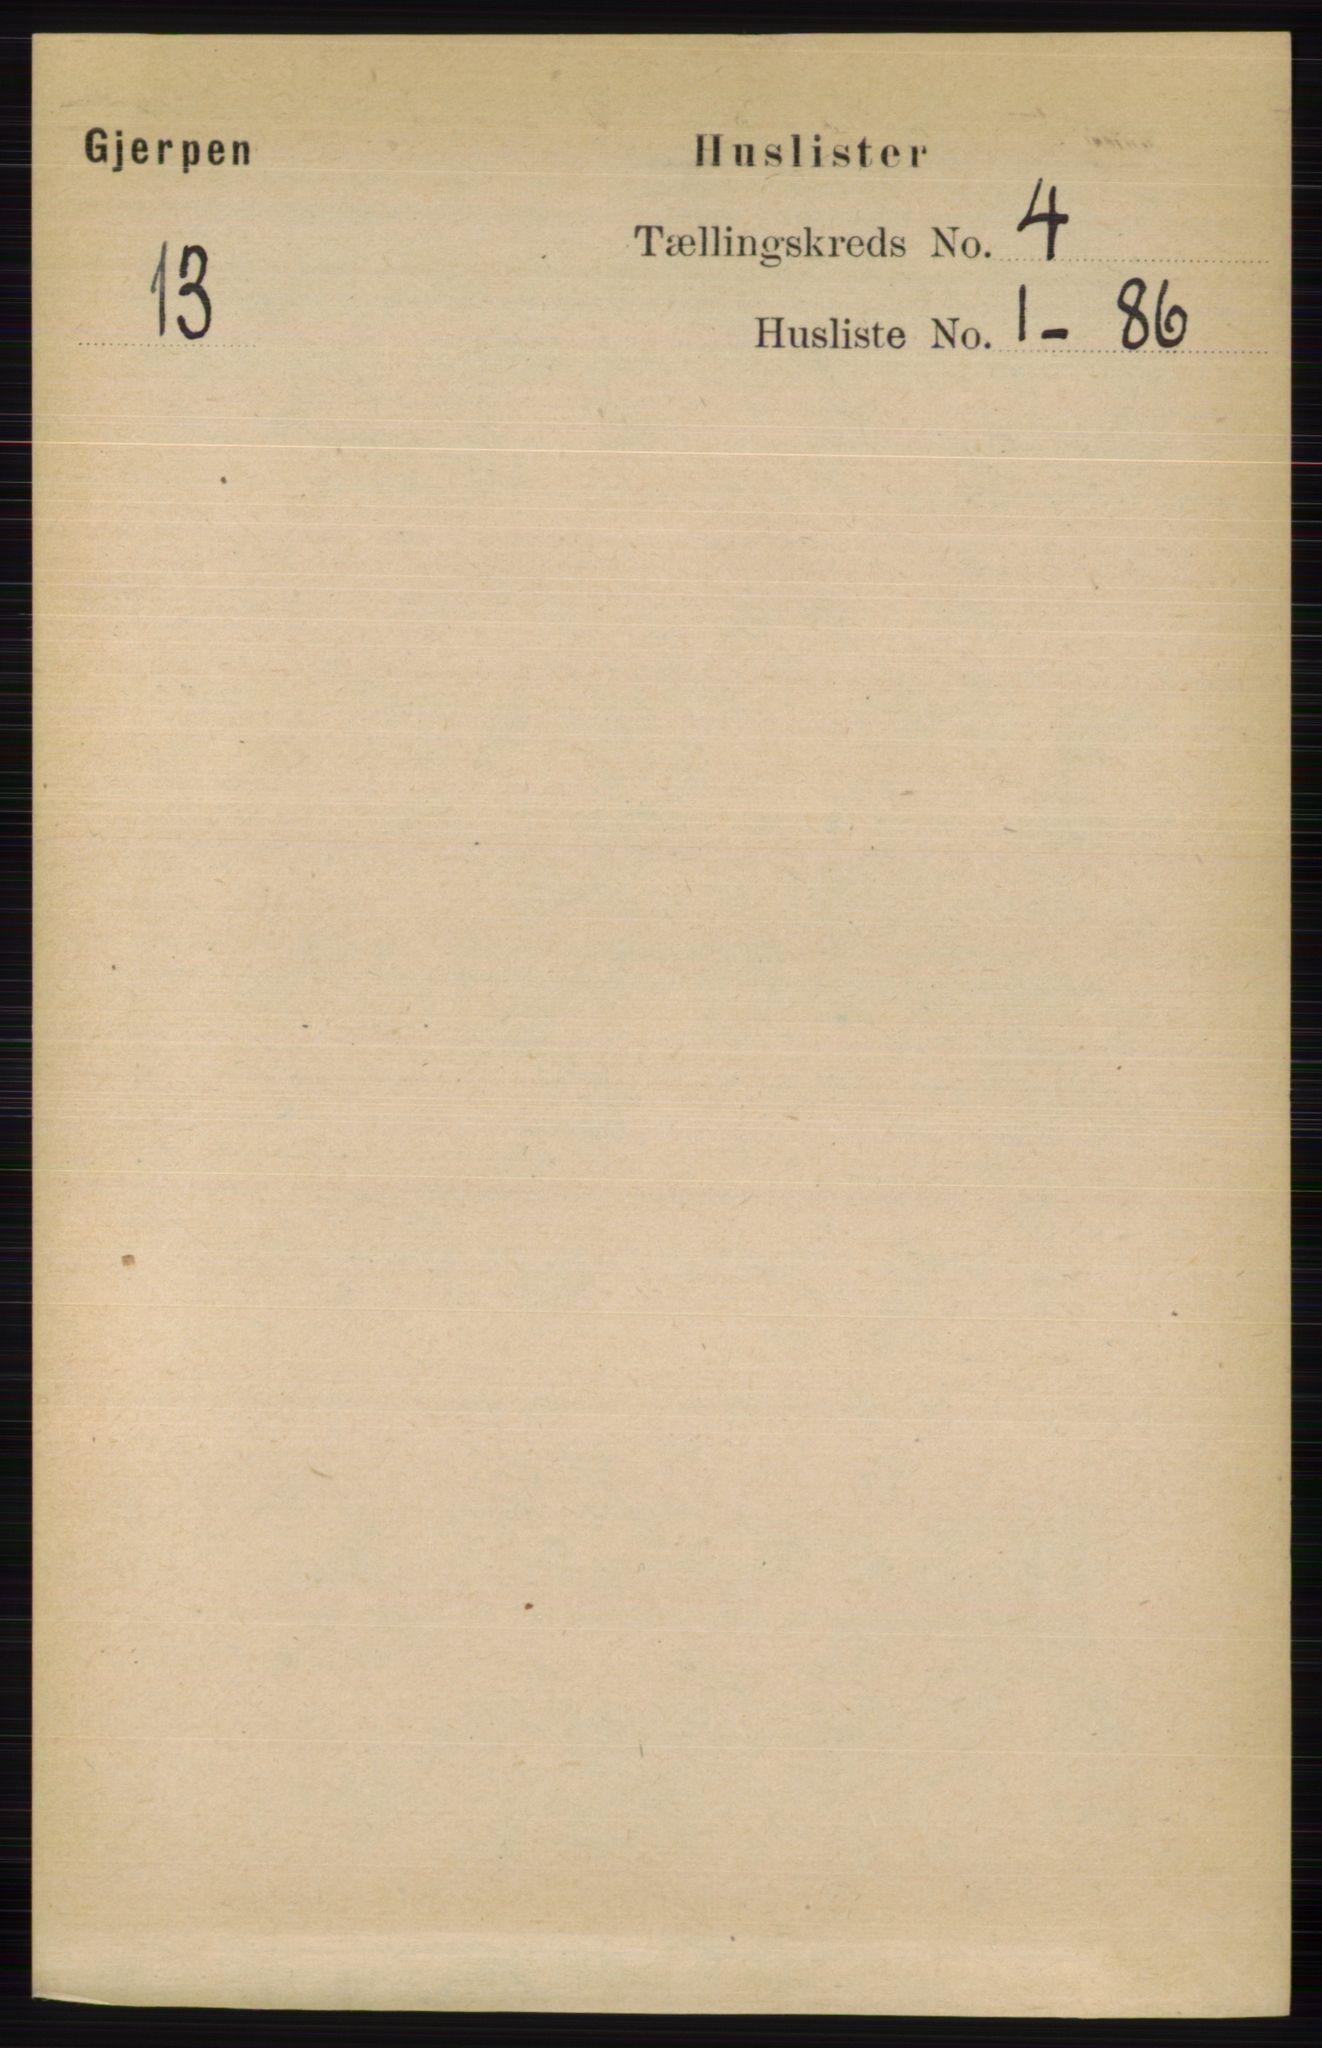 RA, Folketelling 1891 for 0812 Gjerpen herred, 1891, s. 1861